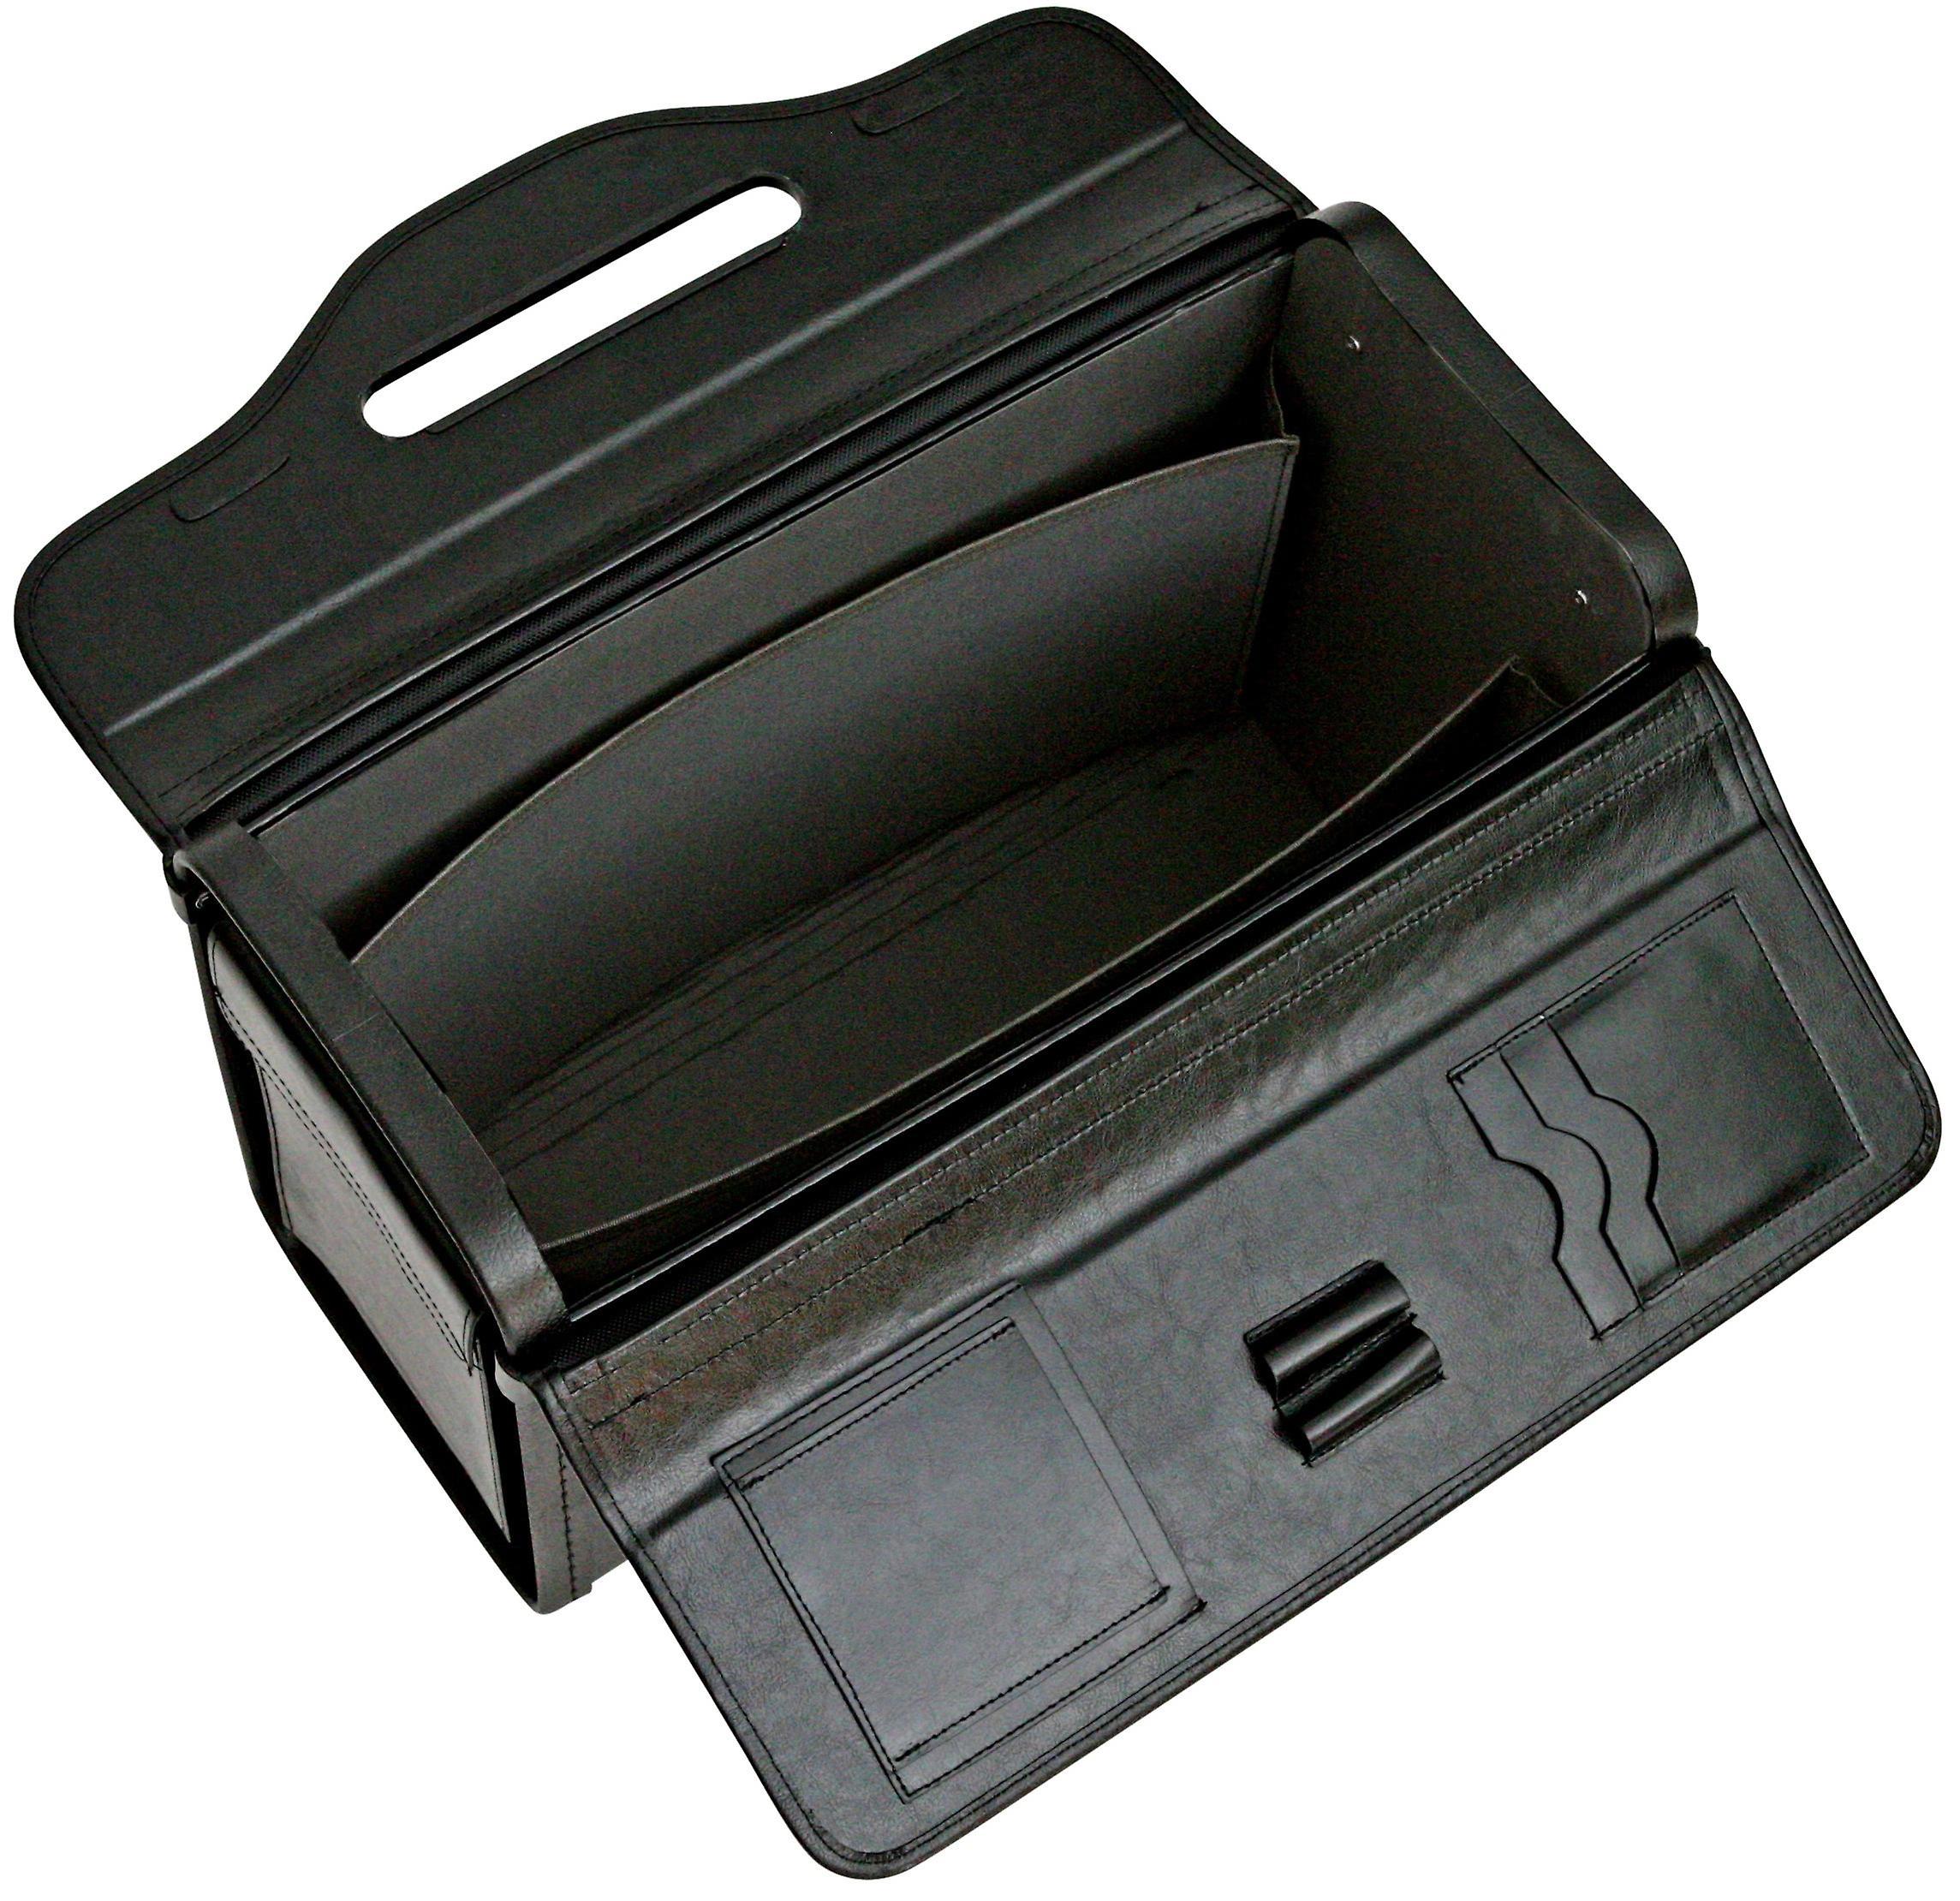 Collé le sacage à main porte-docuHommests en cuir pilote affaire médecin vol cabine affaires sac